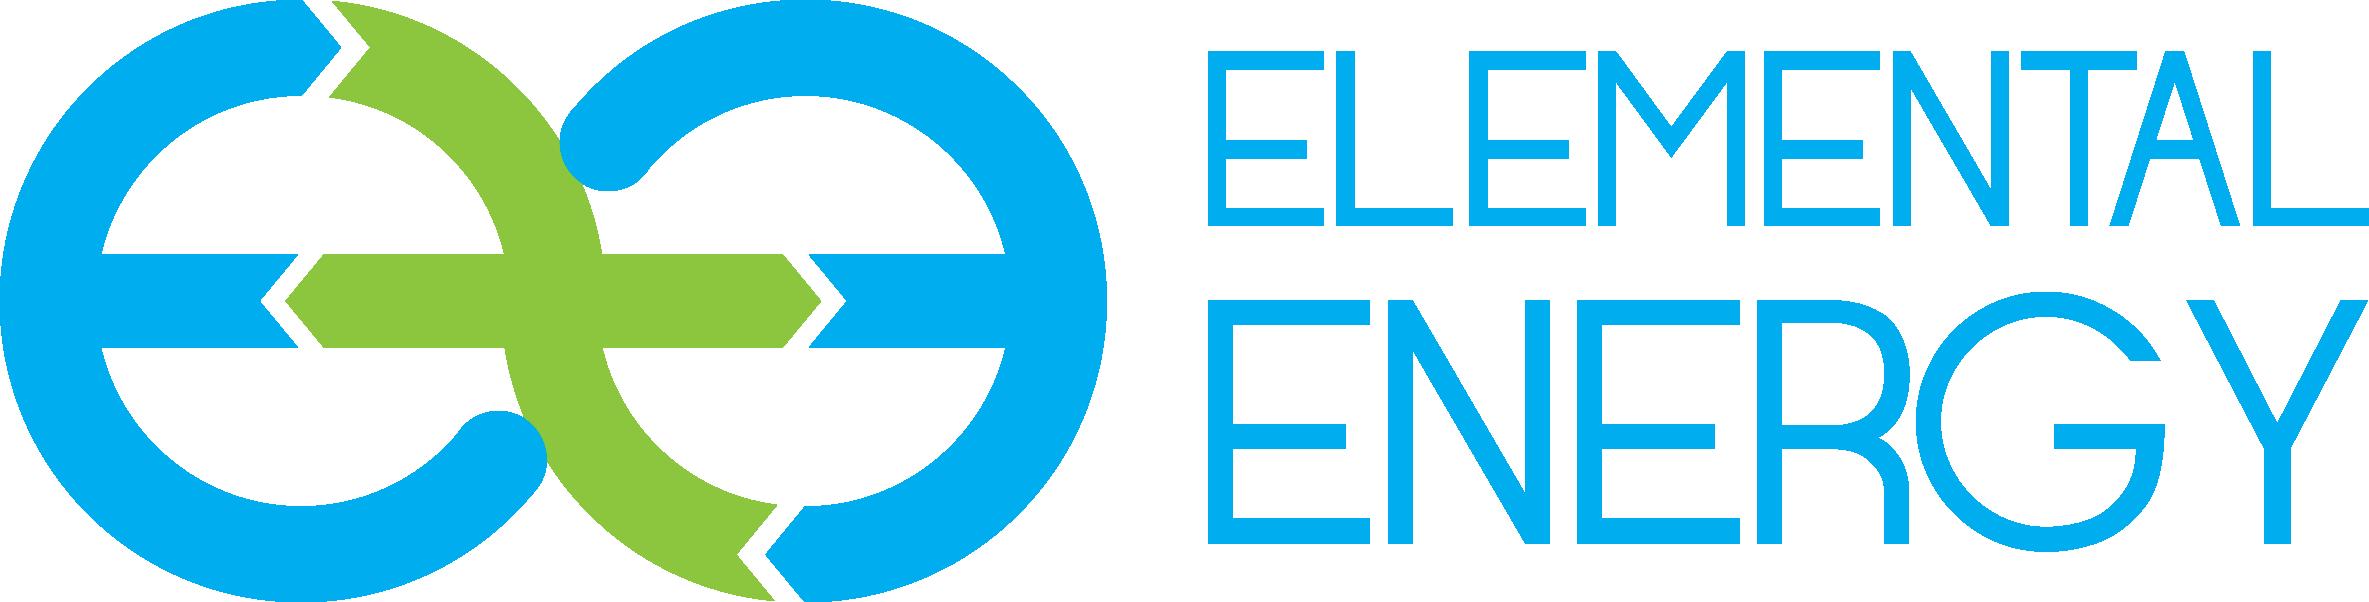 Elemental Energy - Twende Solar